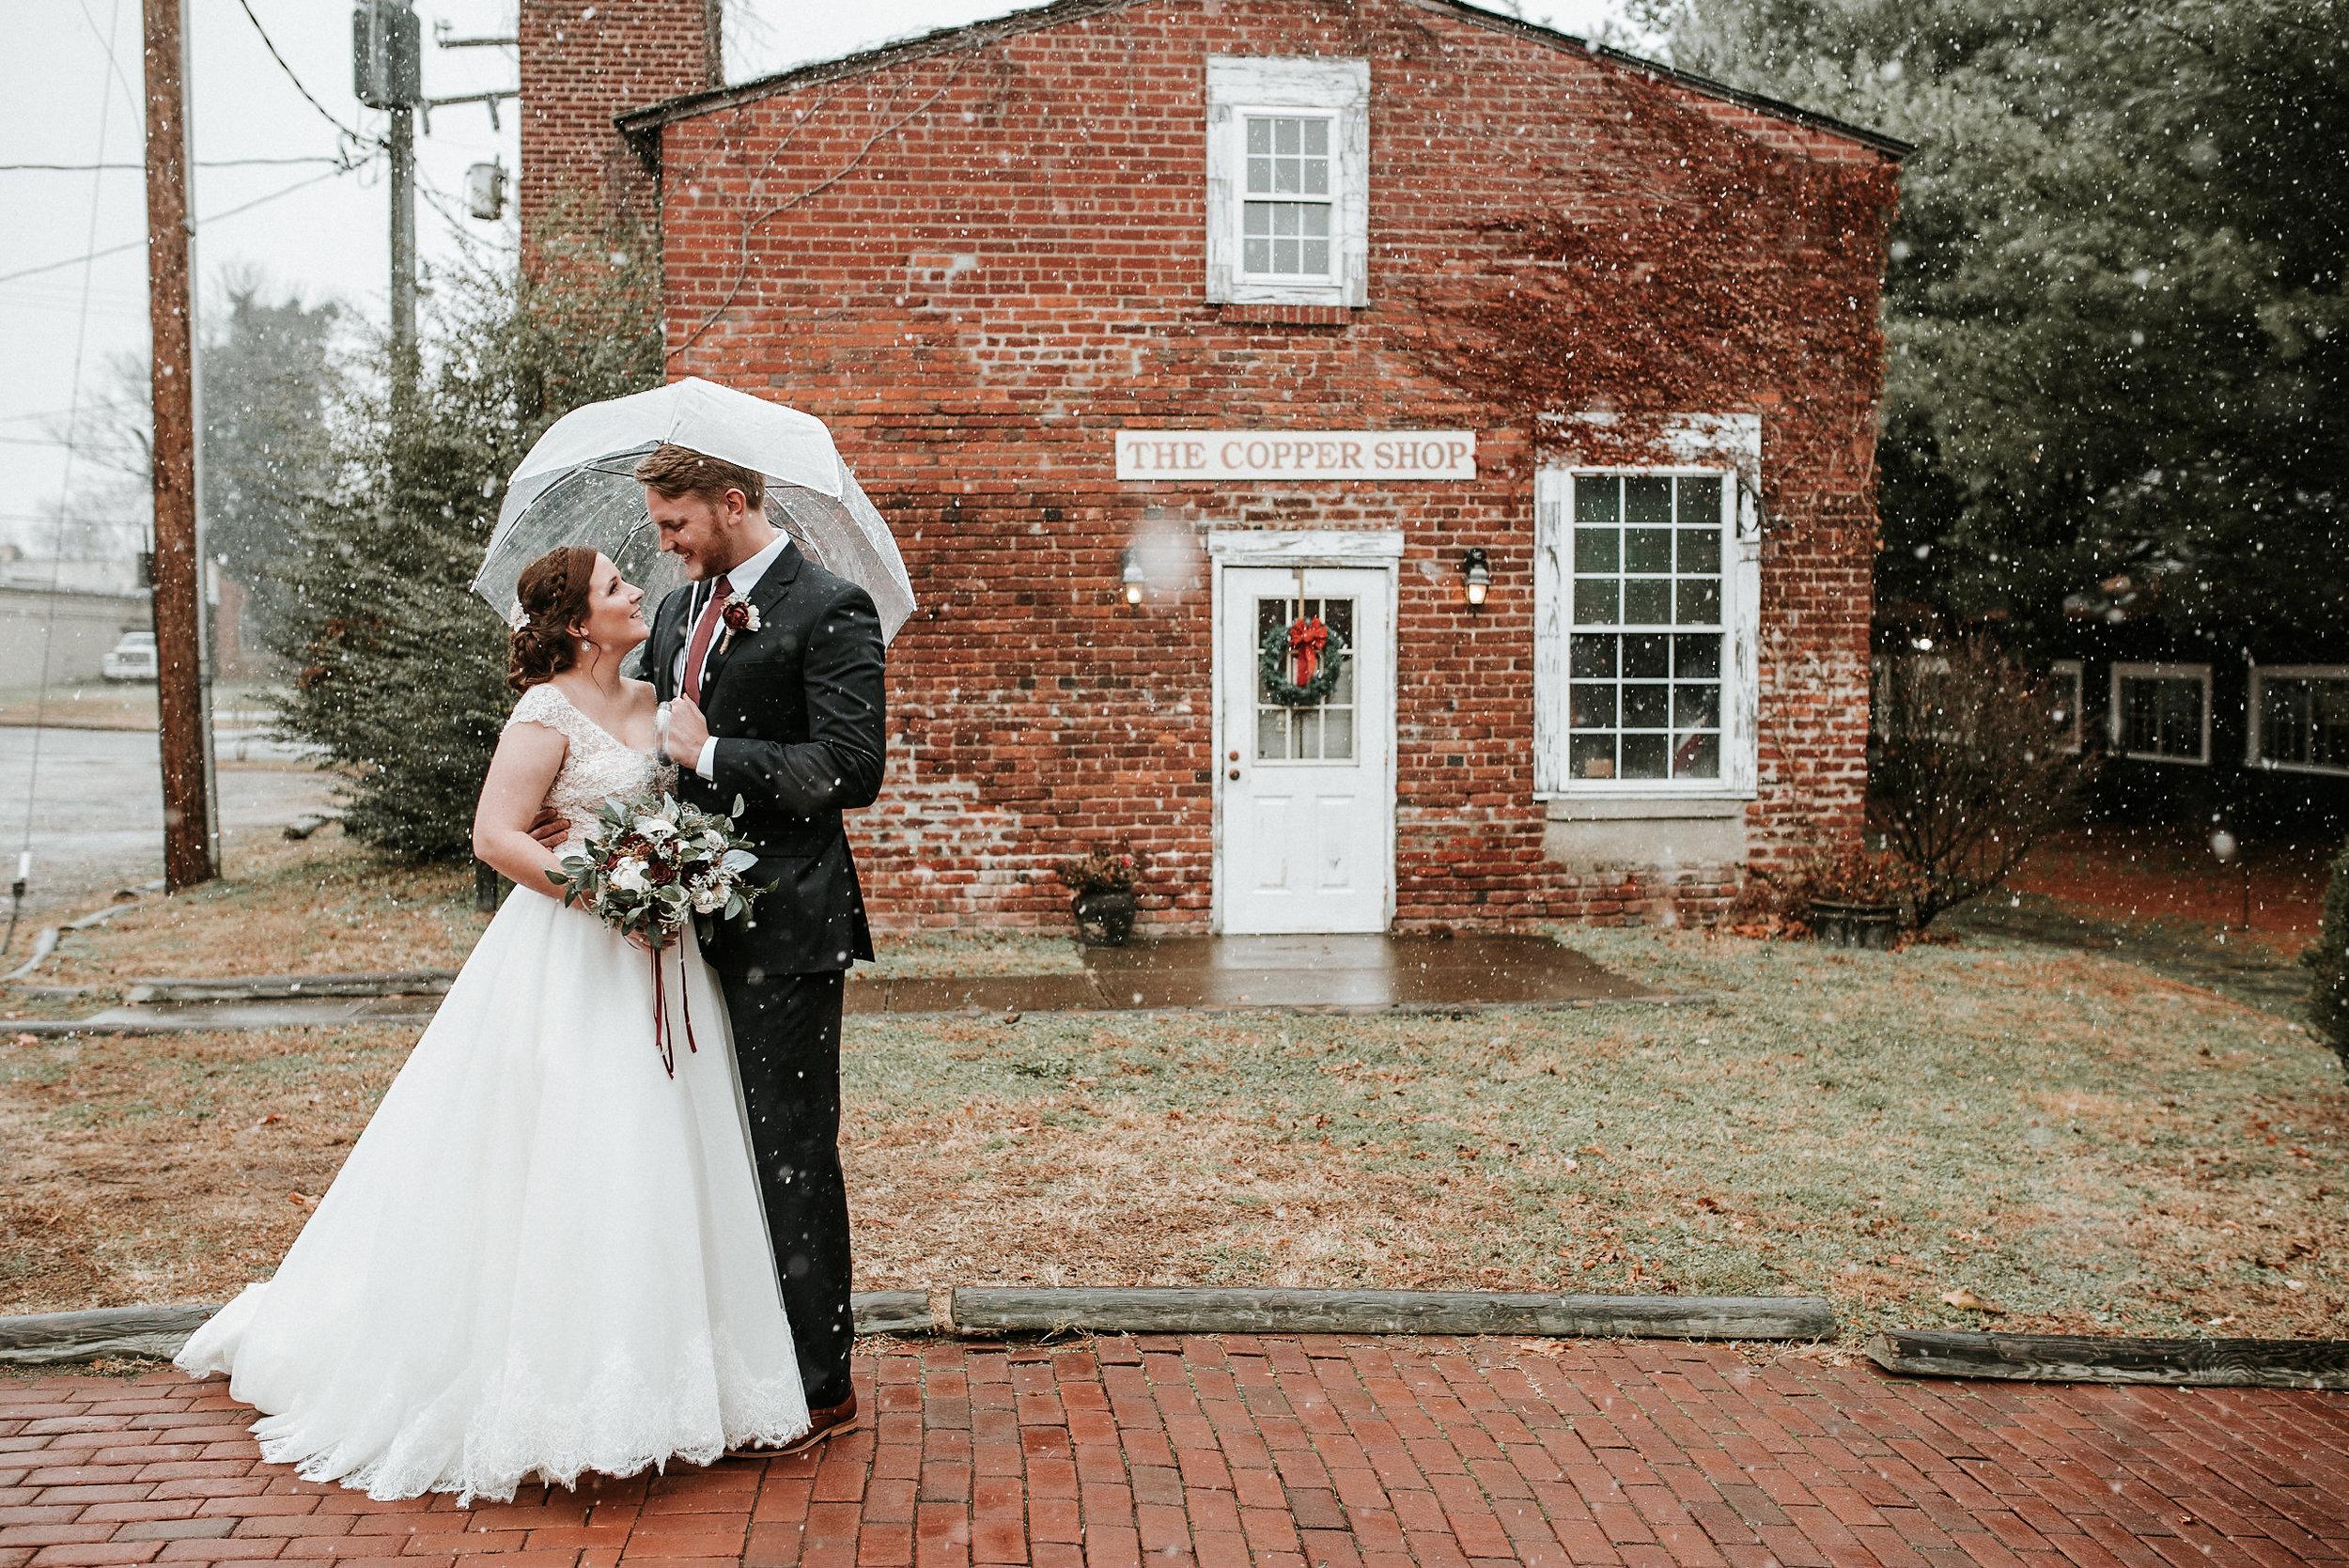 Bride and groom on brick sidewalk in snow